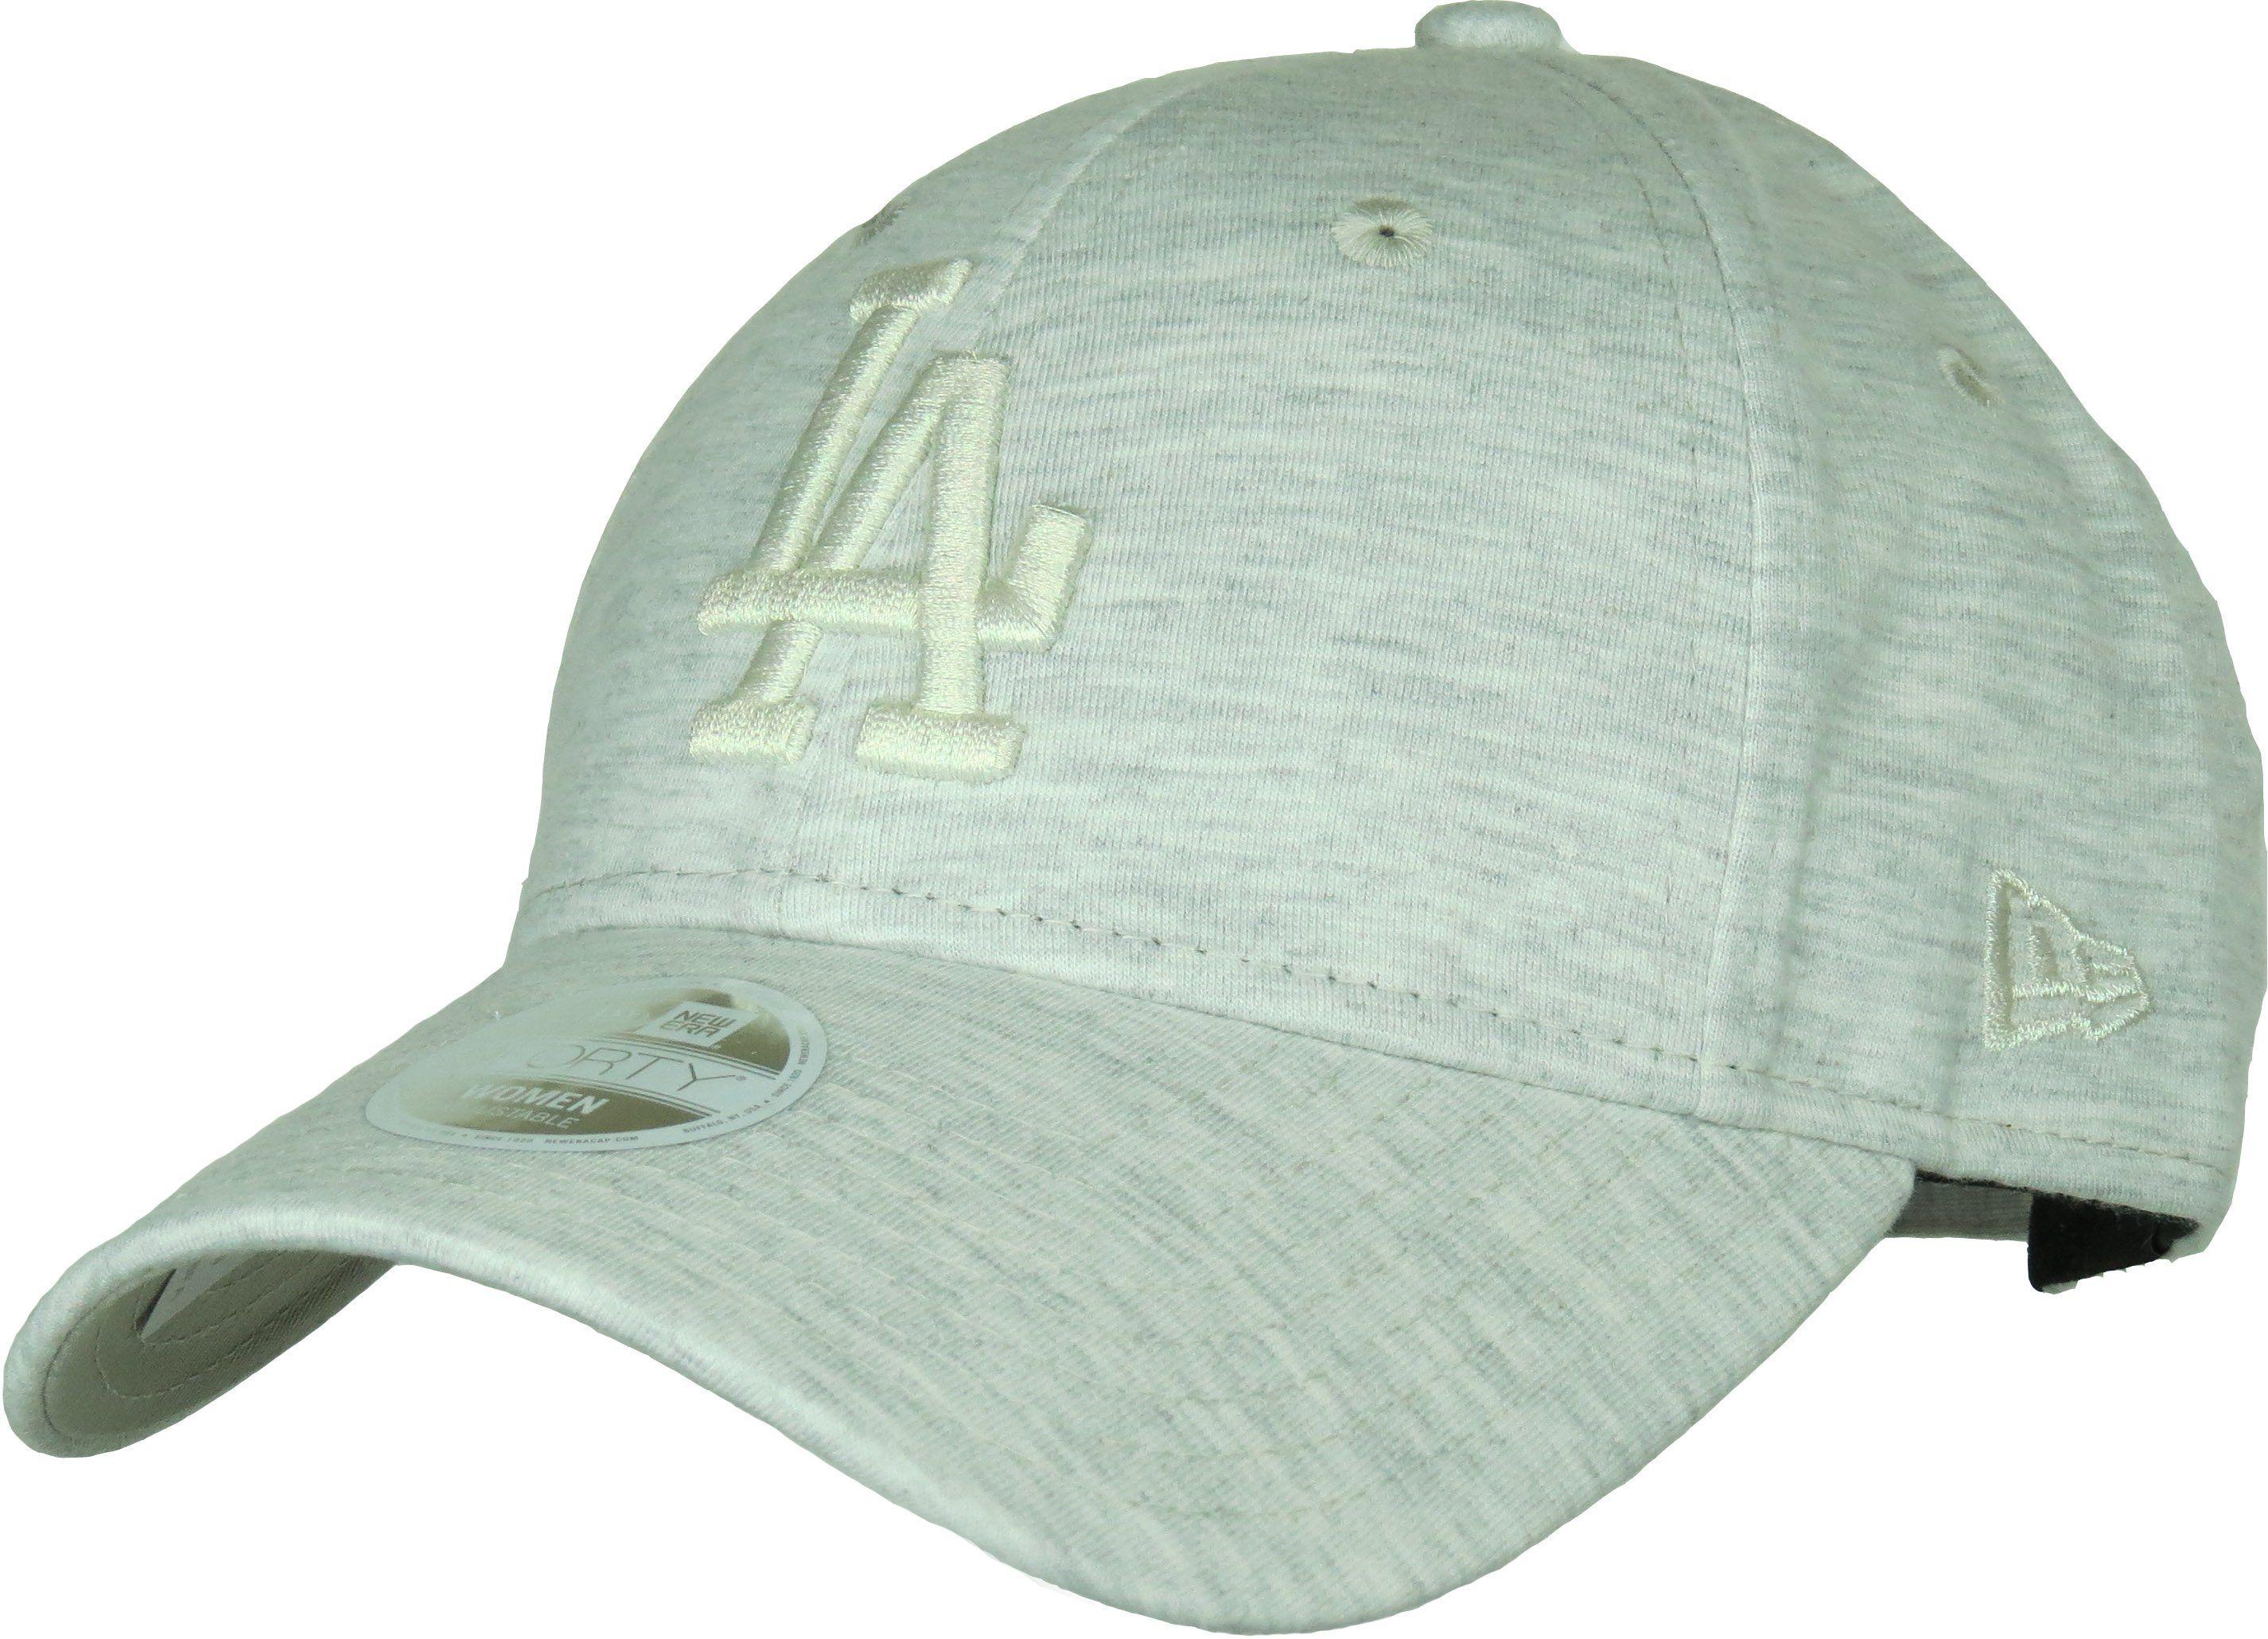 5d56c55971356 New Era 9Forty Womens Essential Jersey Baseball Cap. Light Grey ...